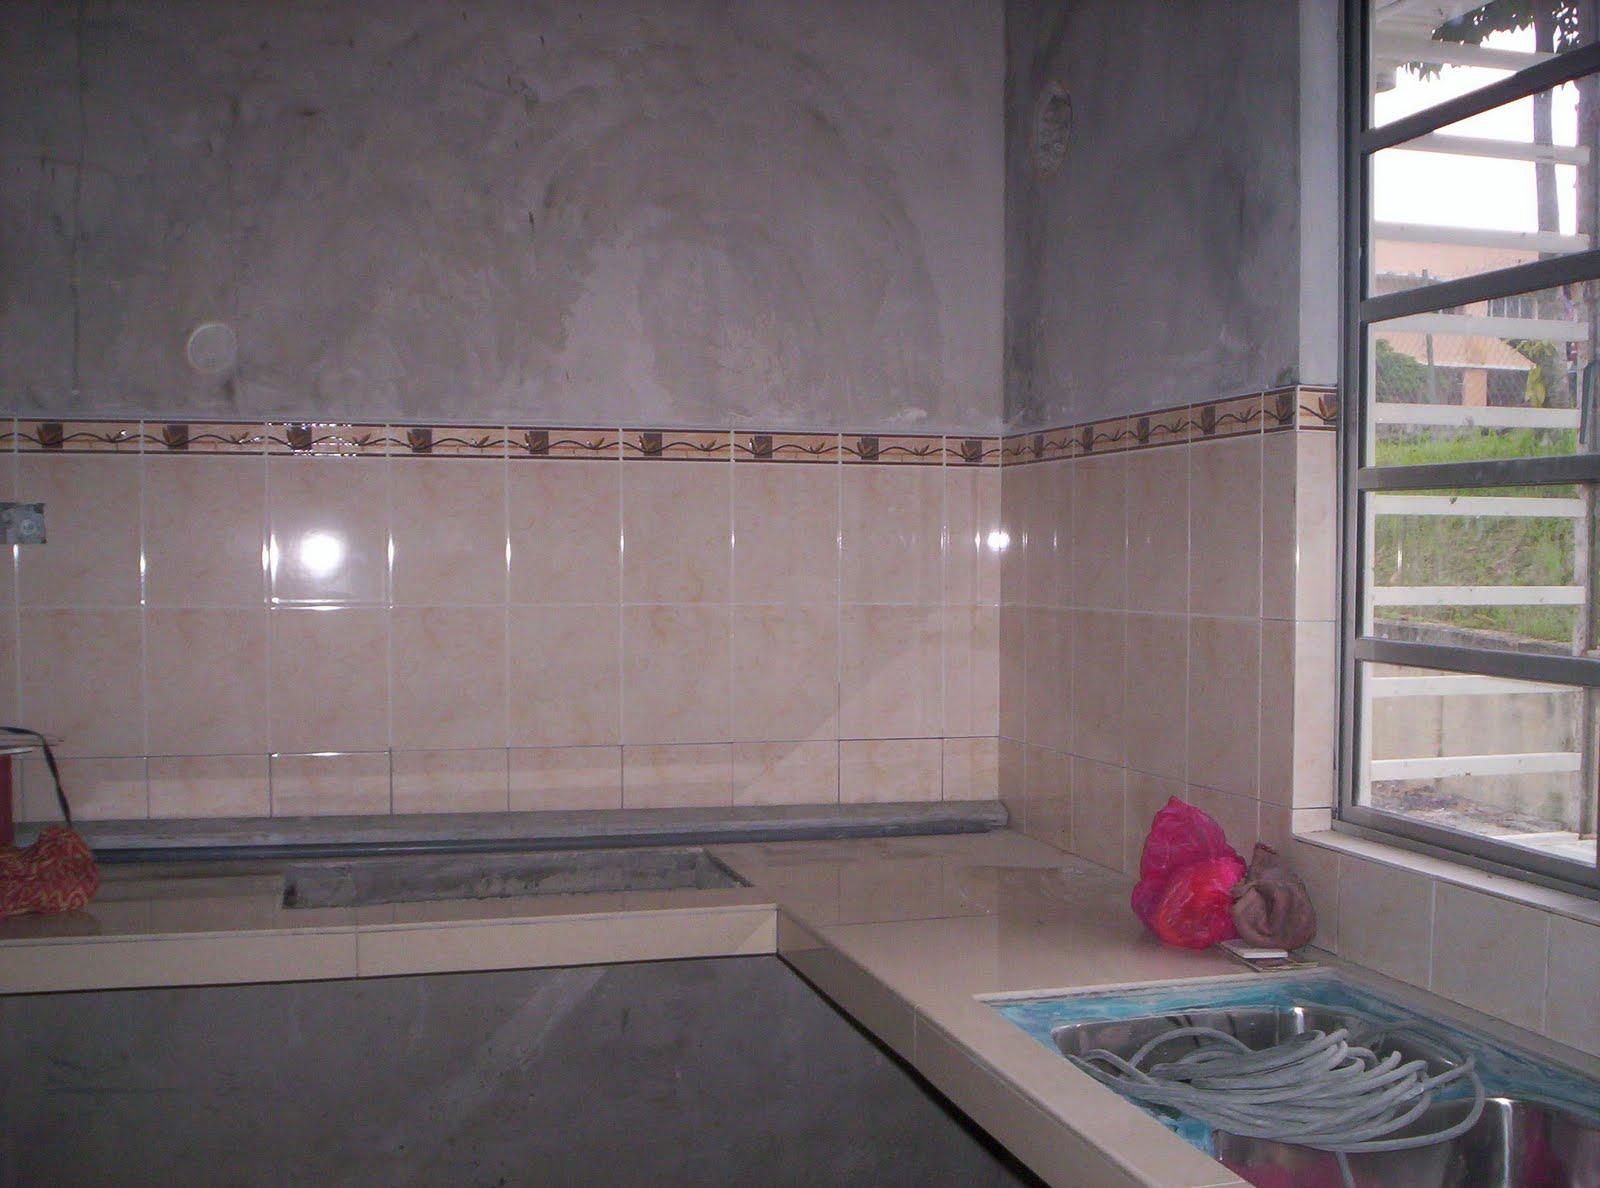 Sekarang Ni Bahagian Dapur Dah Pasang Tiles Pada Dinding Lantai Tapi Lum 100 Kat Bilik Stor Dan Bawah Table Top Siap Lagi Hasil Kerja Diorang